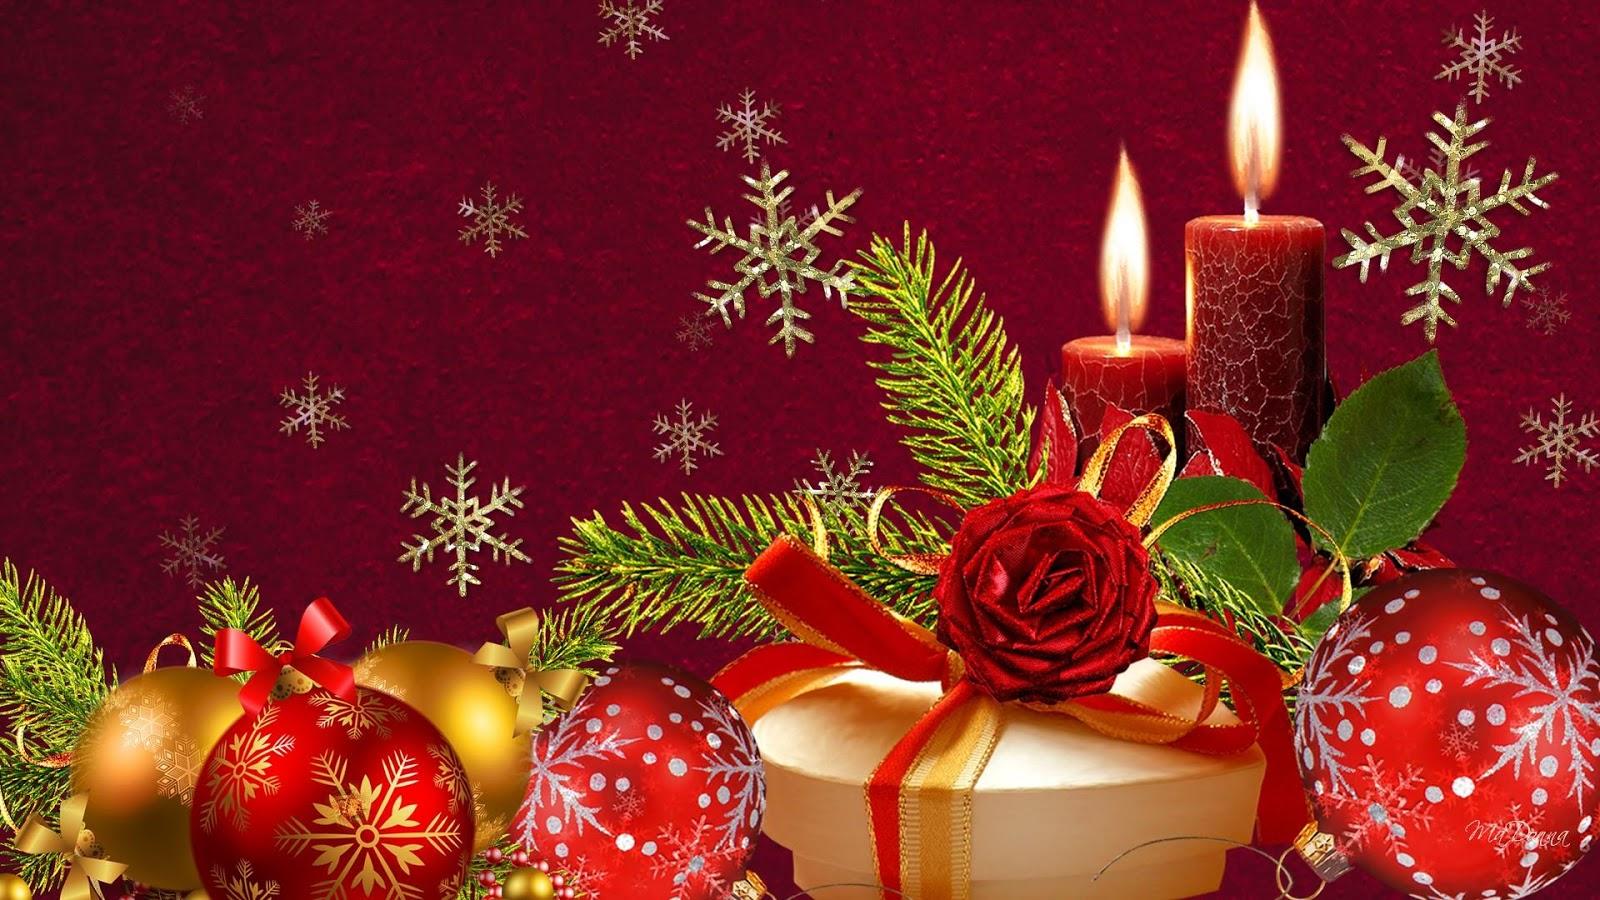 Fondos navidad descargar | fondos de pantalla.